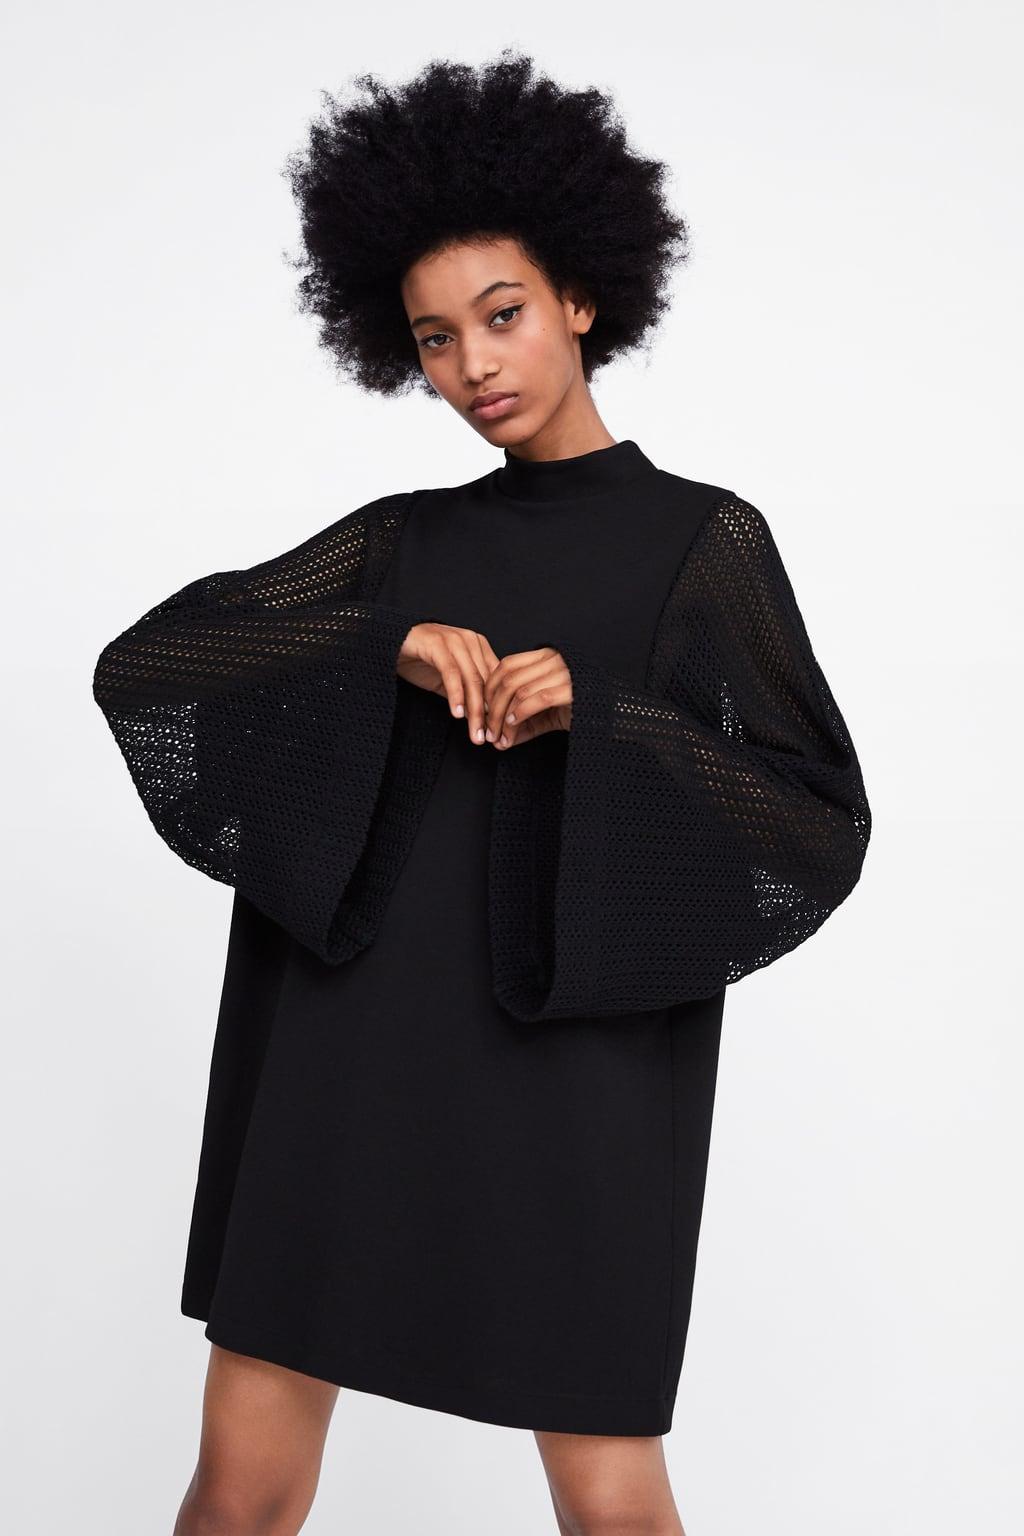 Φόρεμα με όρθιο γιακά και μακρύ φαρδύ μανίκι σε συνδυασμό. Γραμμή εβαζέ. 7b1040352de